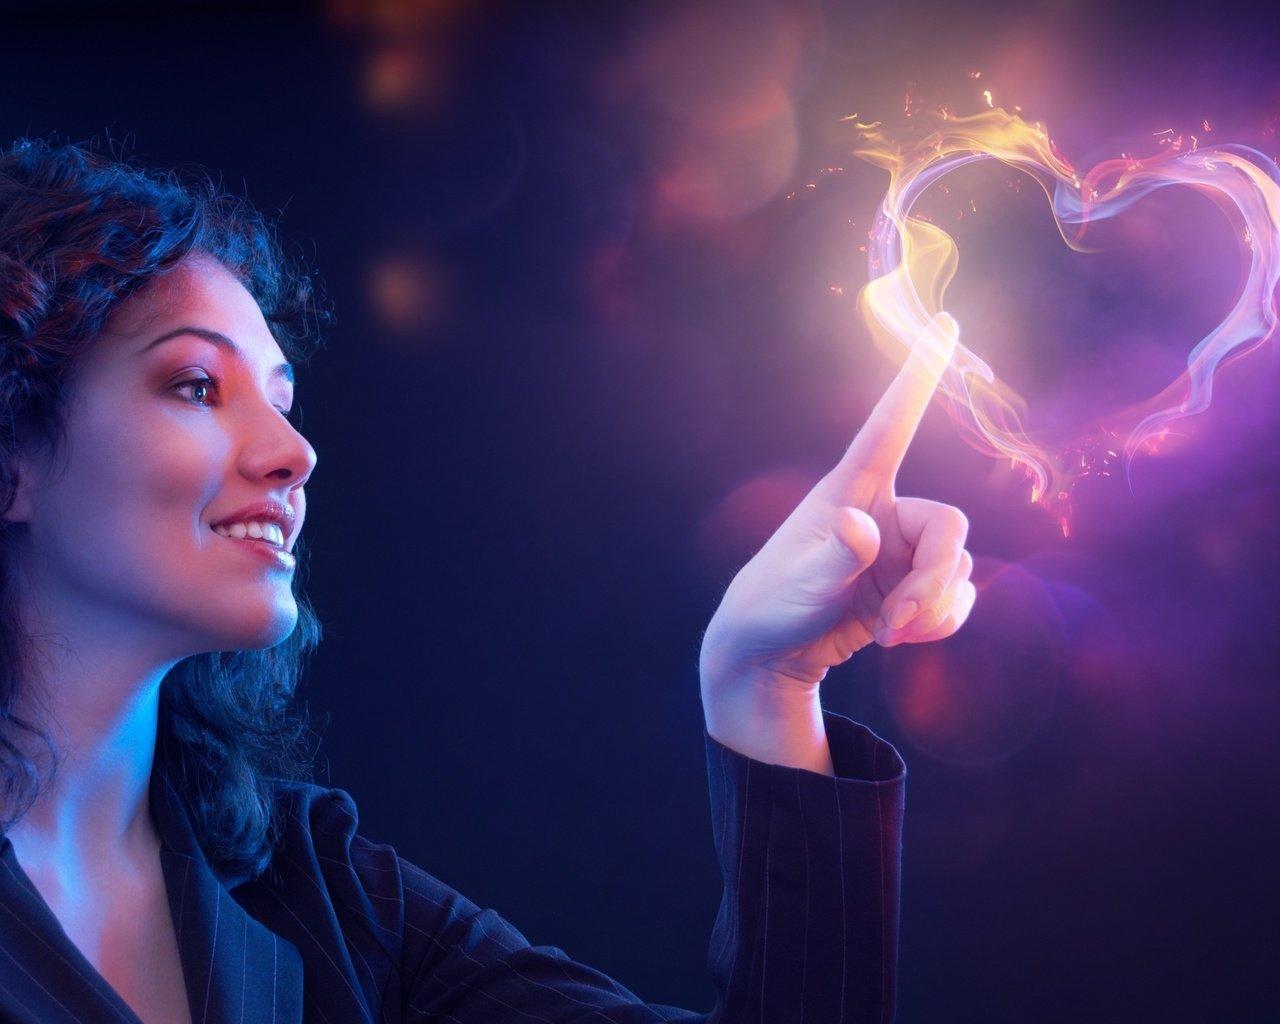 Белая магия на девушку в домашних условиях